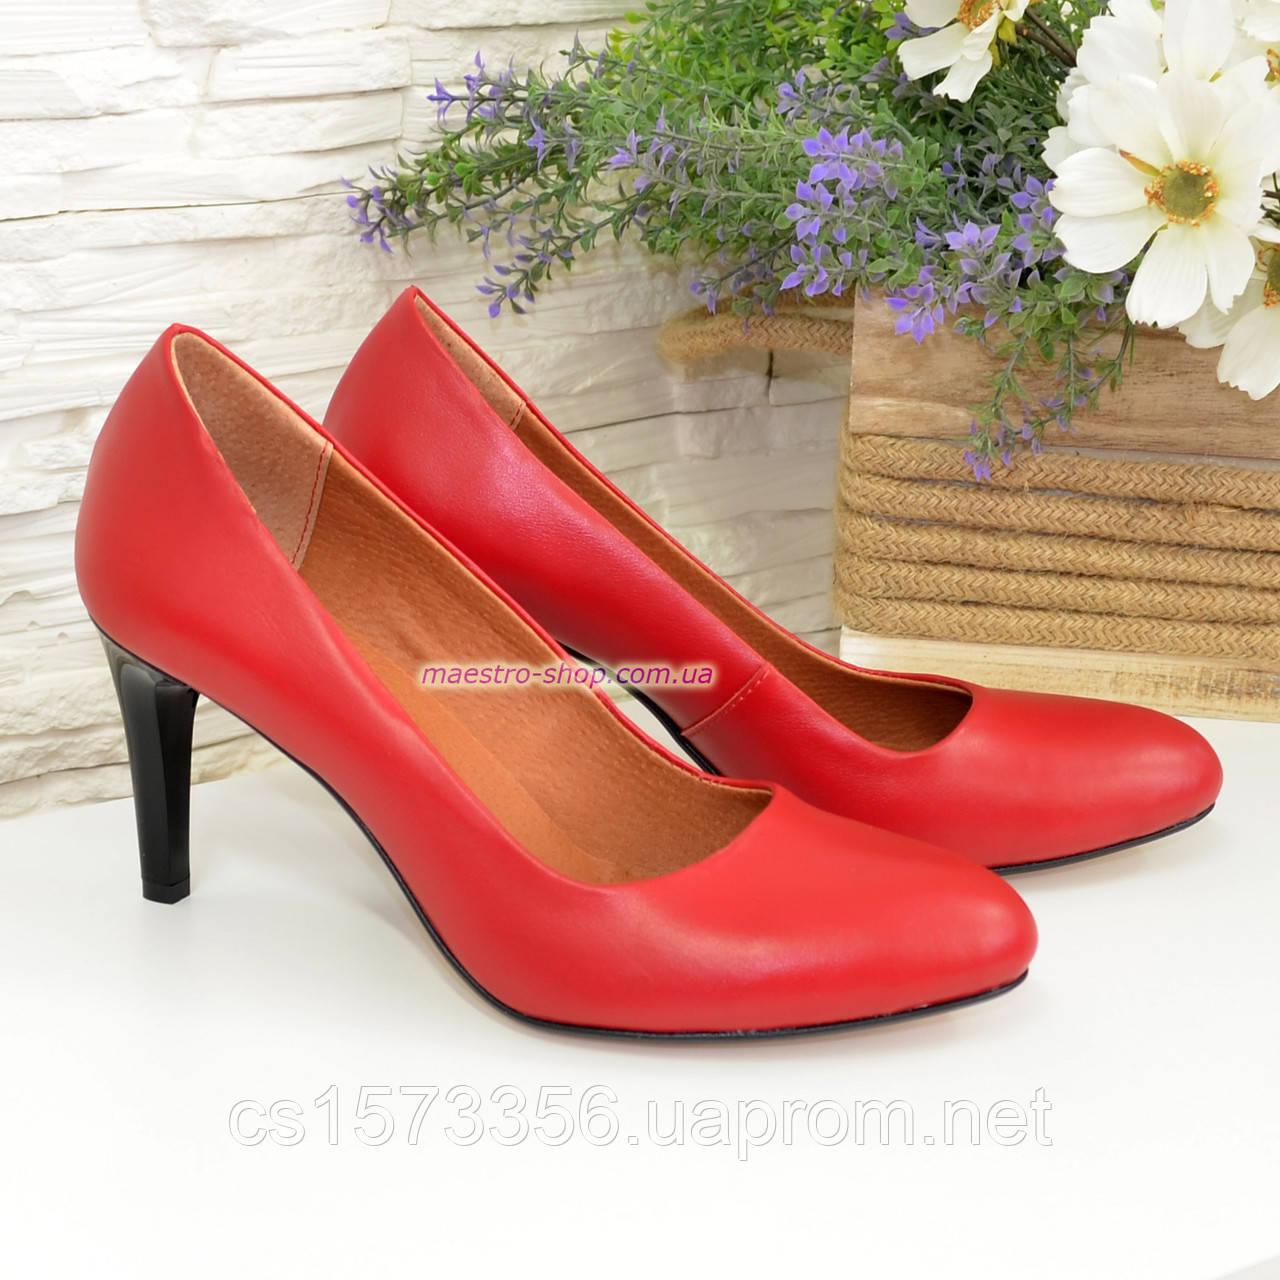 Женские классические кожаные красные туфли на шпильке